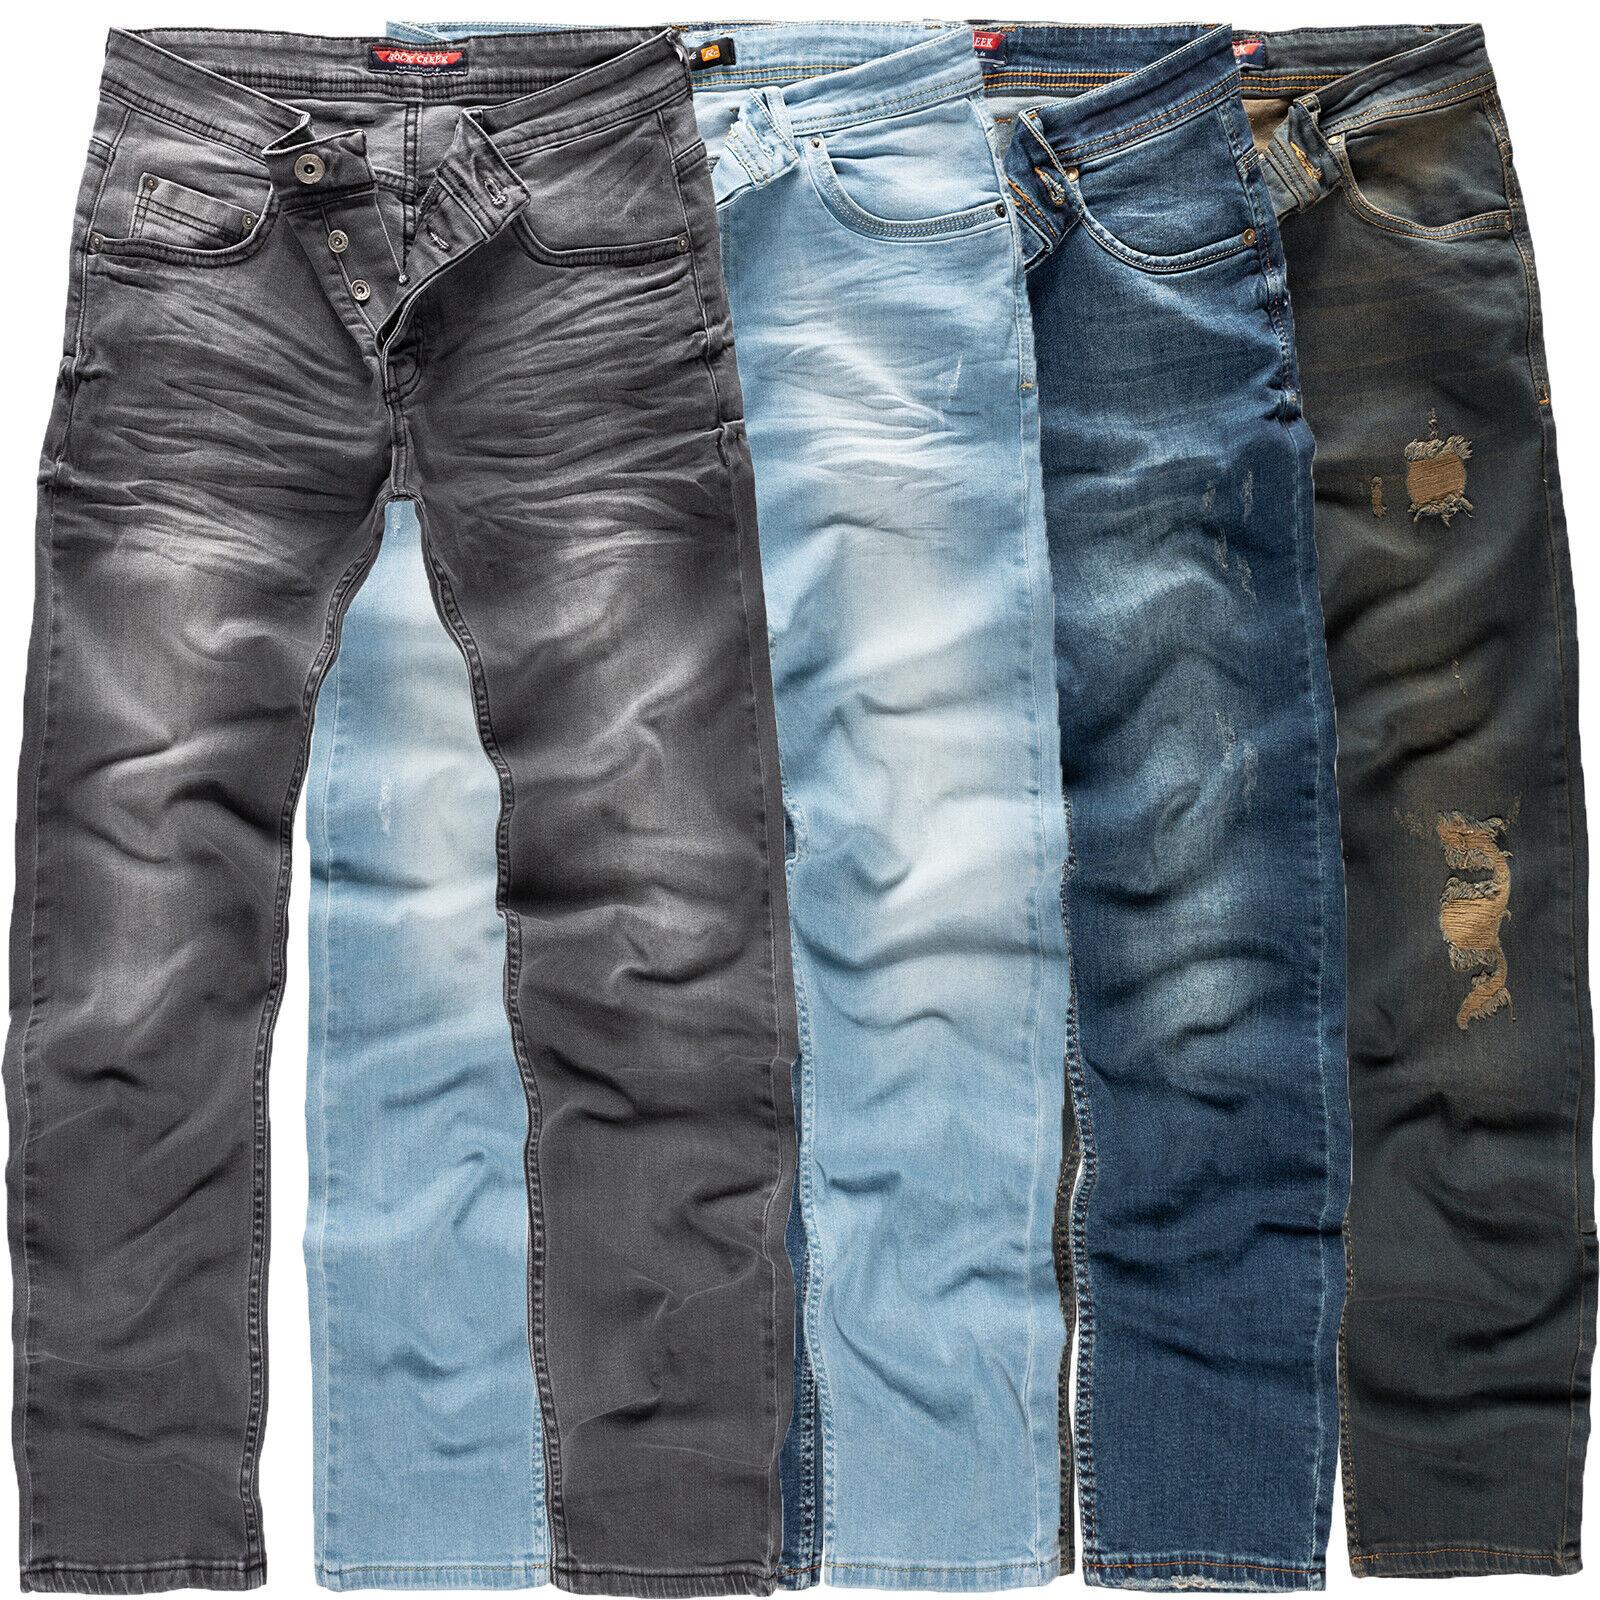 Rock Creek Designer Herren Jeans Denim Jeanshose Herrenhose Stretch Jeans M18